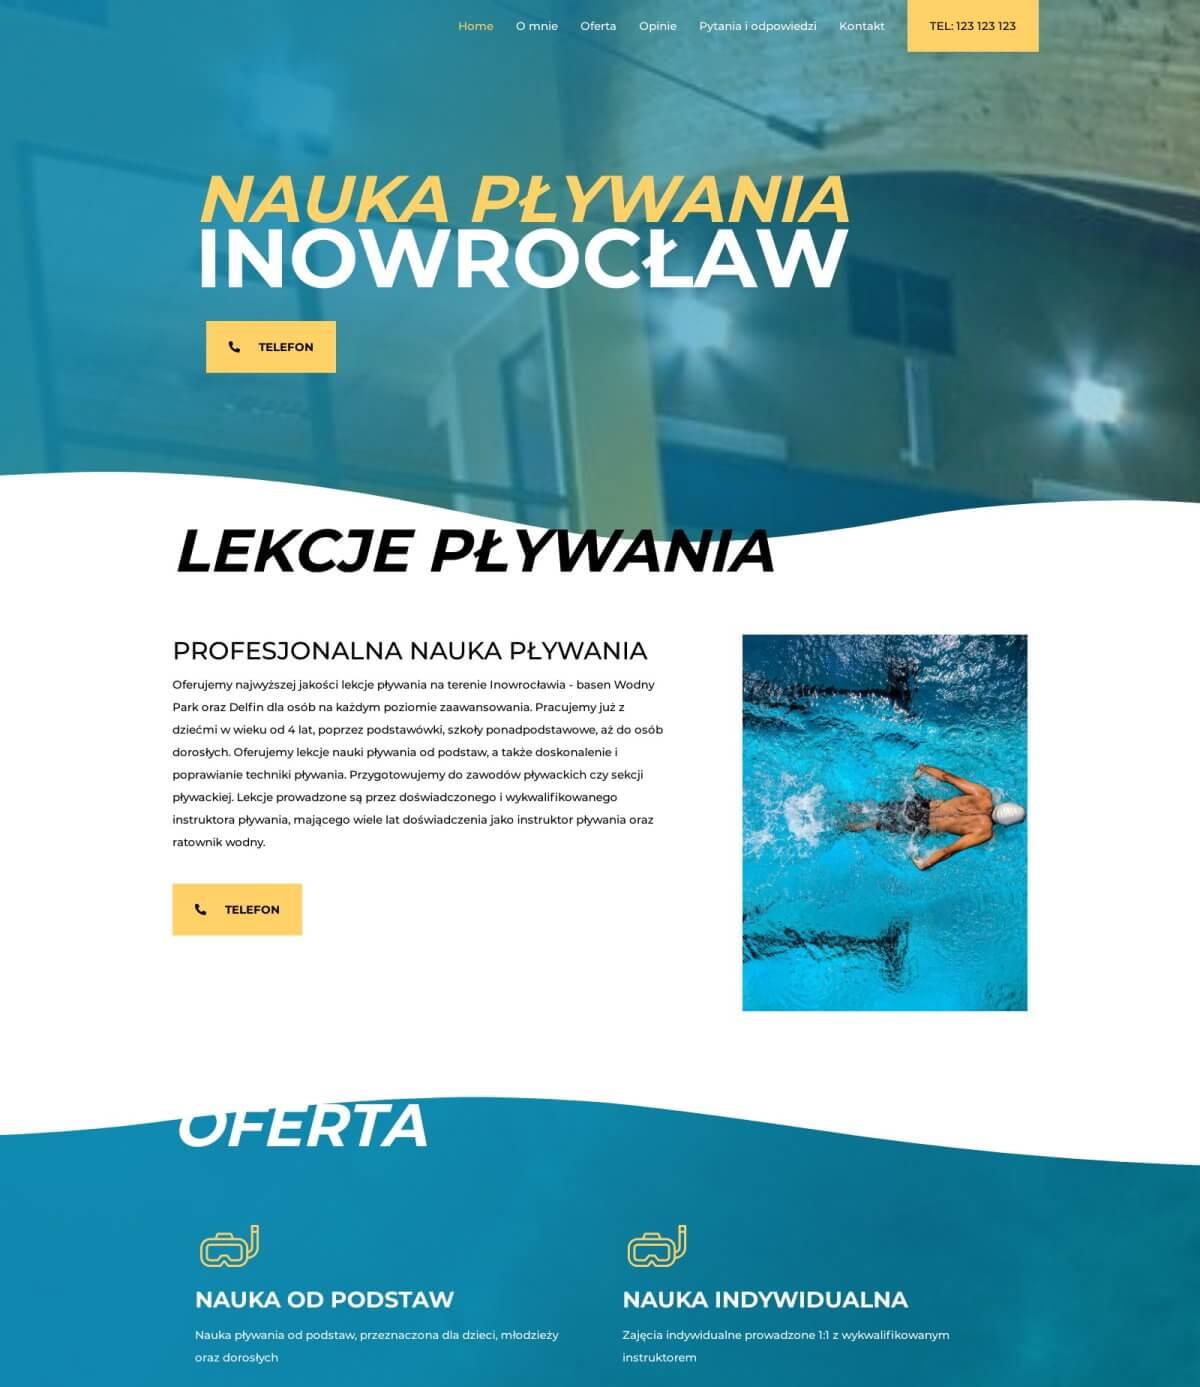 Nauka pływania Inowrocław